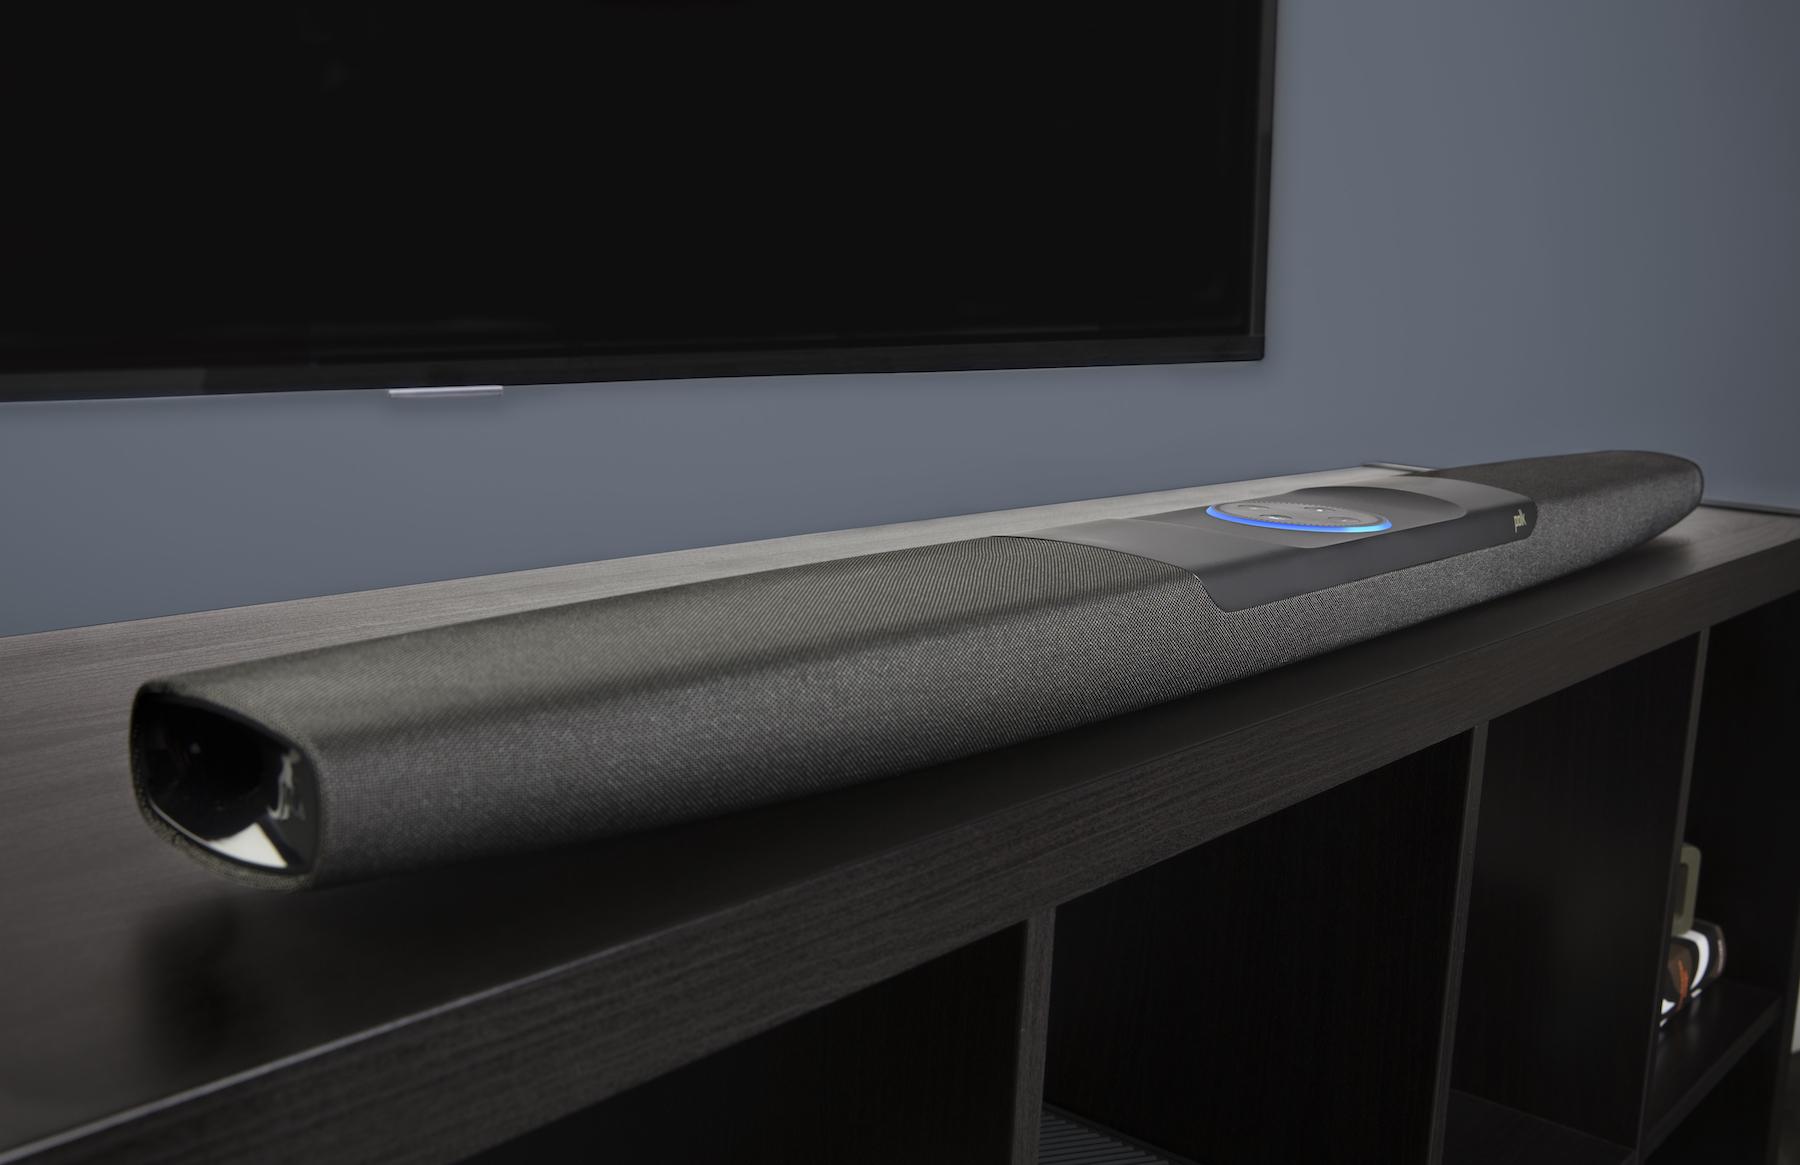 Polk Audio - neue TV-Soundbar mit Alexa Sprachsteuerung